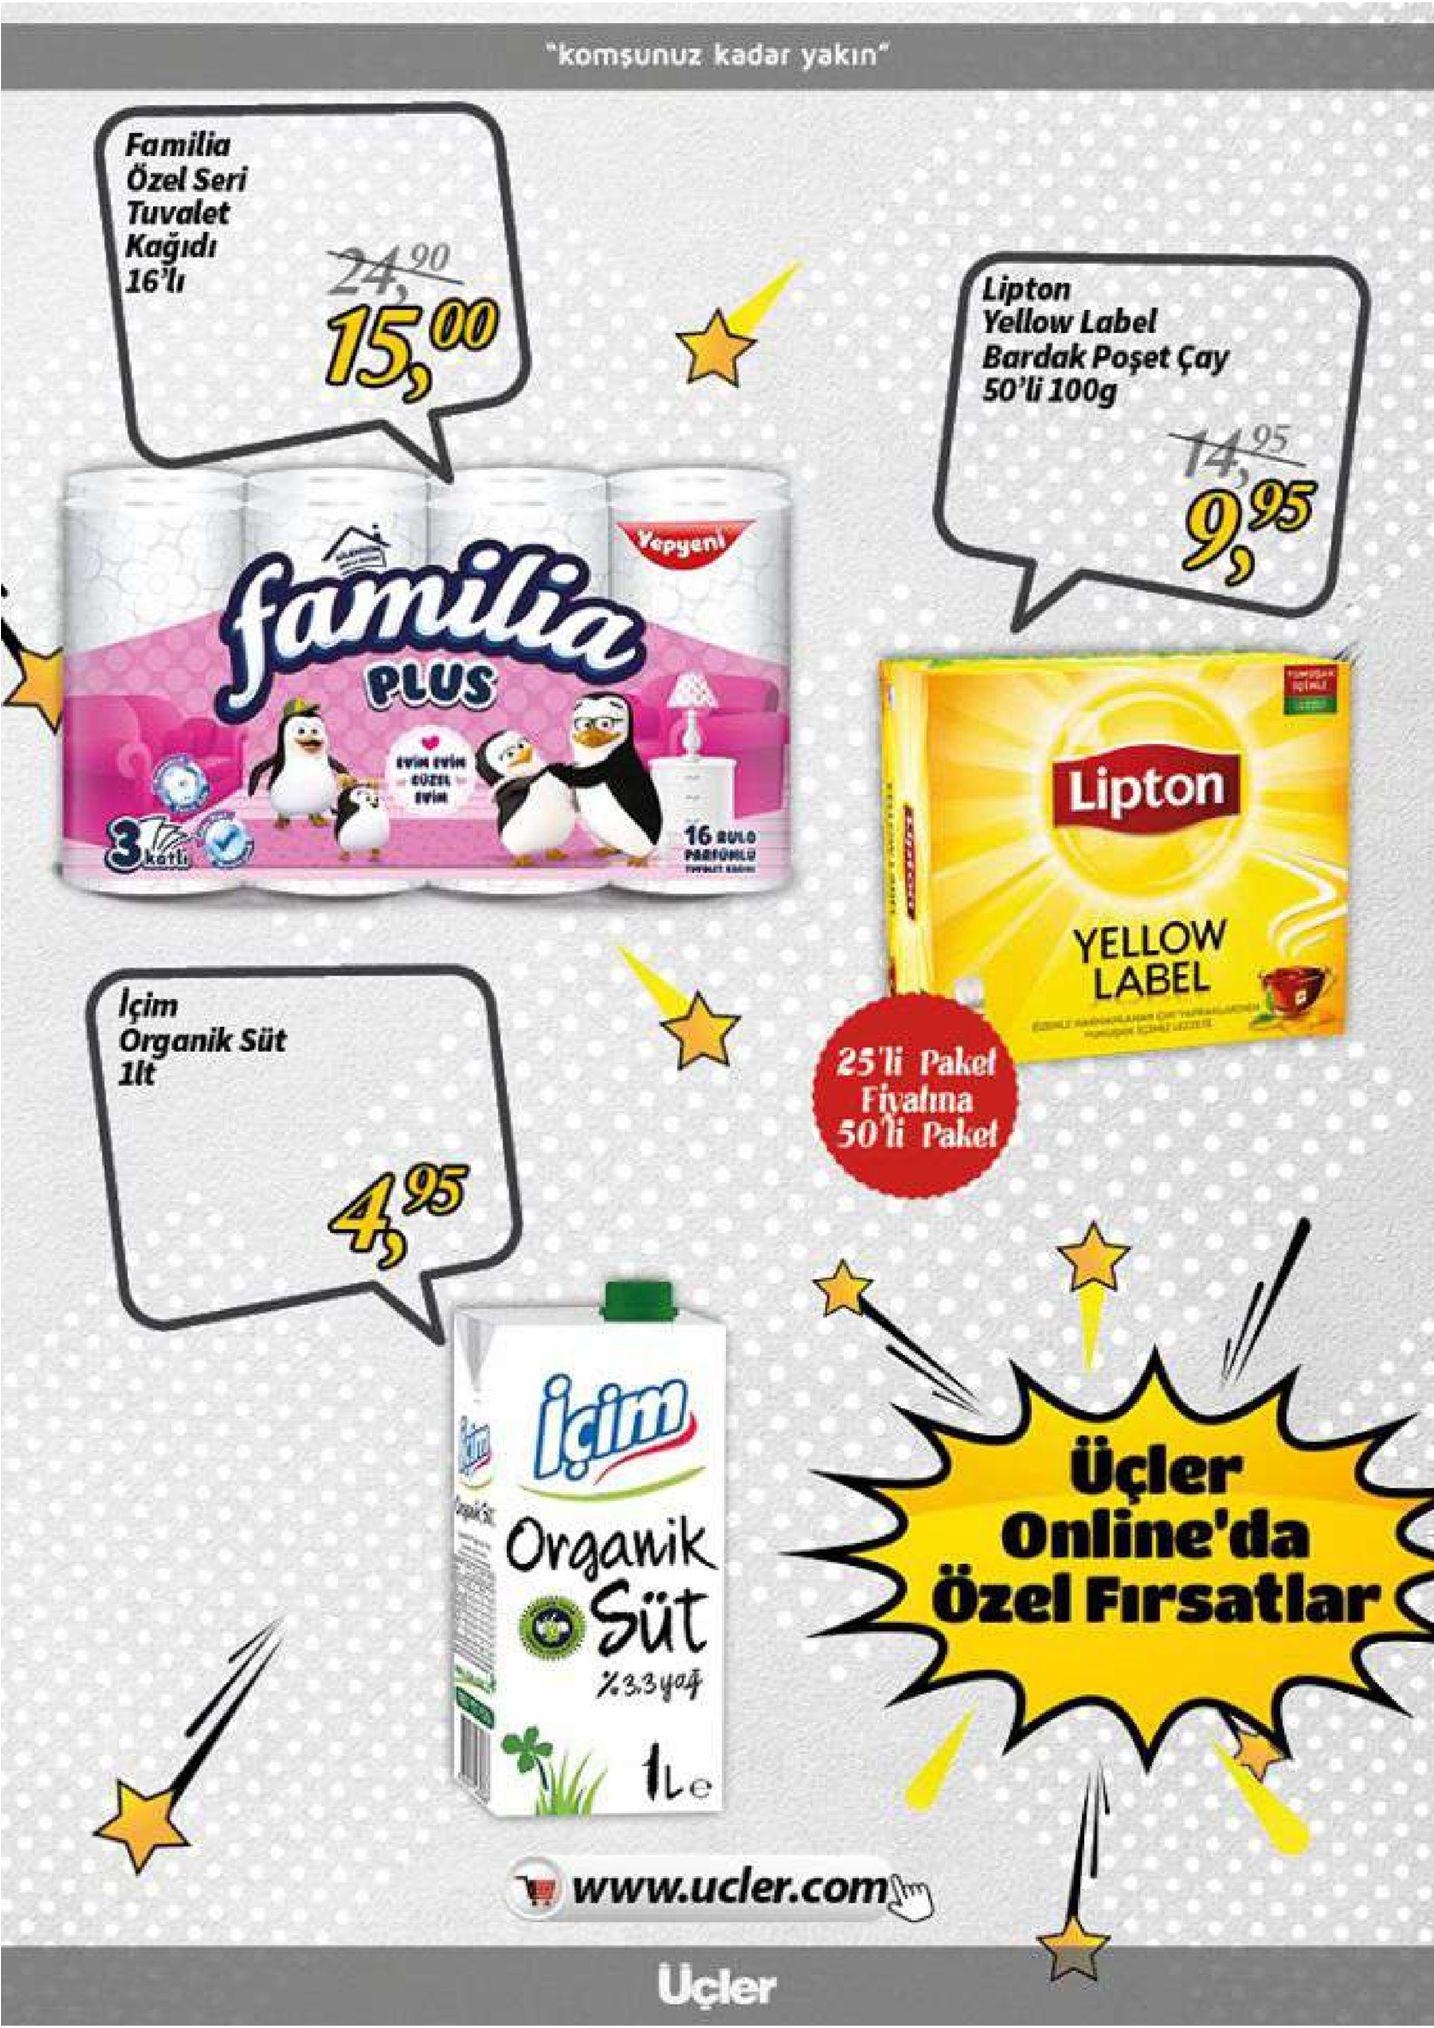 """""""komsunuz kadar yakın"""" familia özel seri tuvalet kağidı 16'l 2490 15 00 lipton yellow label bardak poşet çay 50'li 100g 1495 995 vepyen umil fania plus lipton rin 16 auo hiipkle yellow label içim organik süt llt 25'li paket fivalima 50li paket 95 üçler online'da özel firsatlar oraawik süt 33ya4 www.ucler.com ucler"""